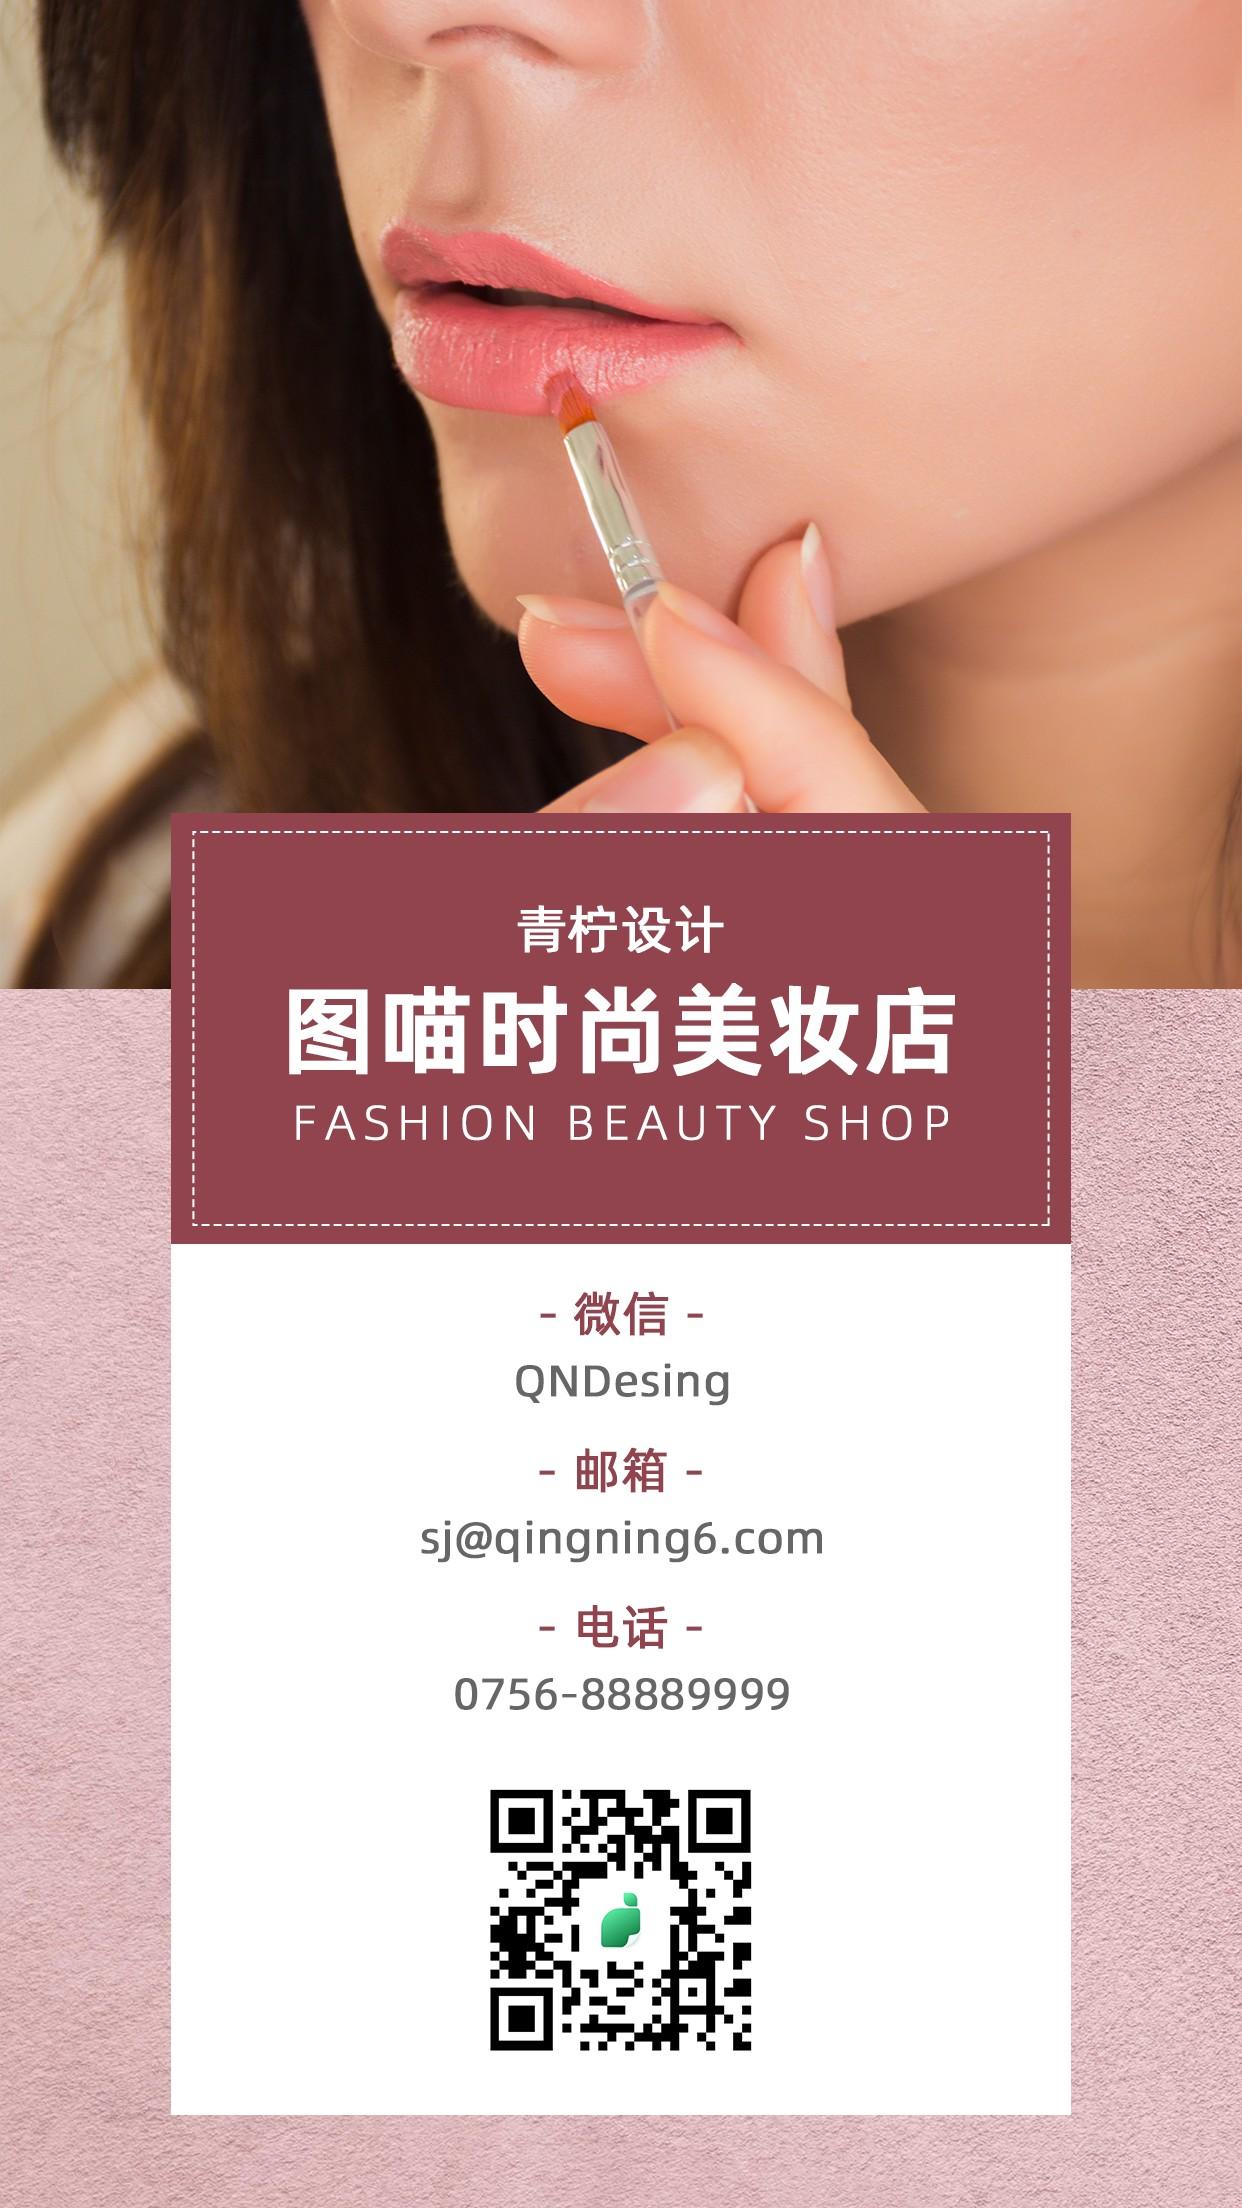 扁平美容美妆美女手机海报